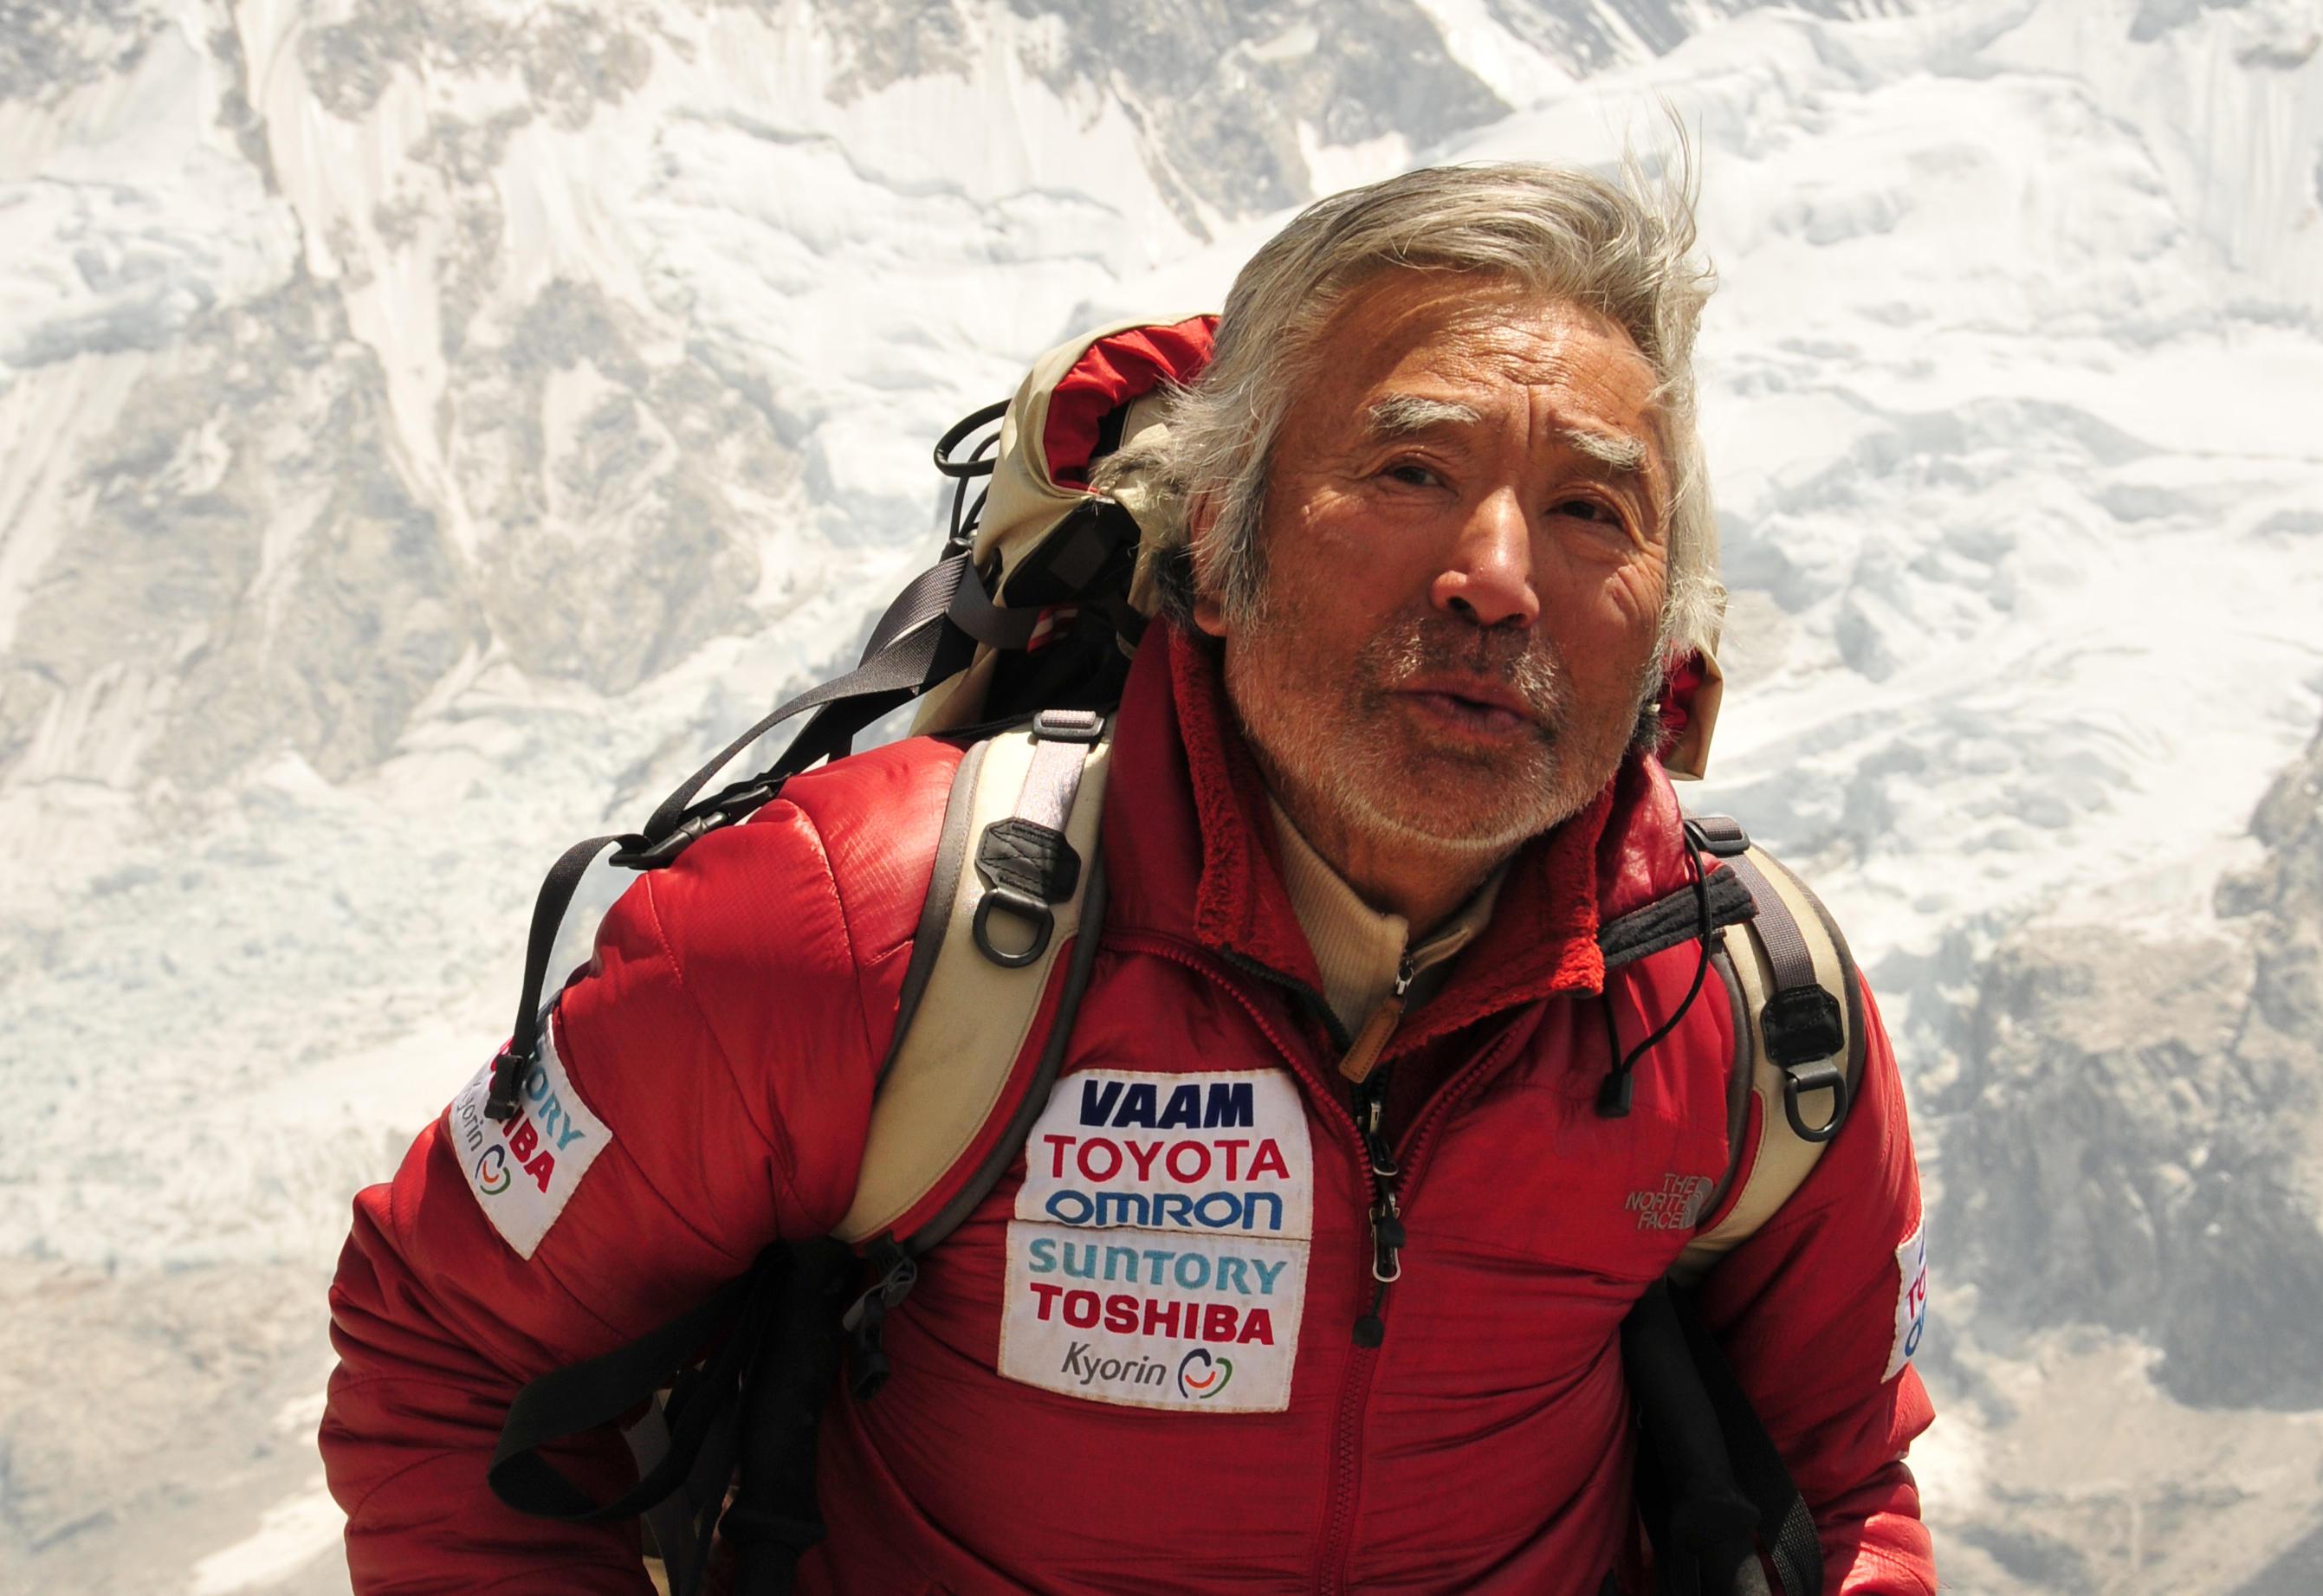 三浦雄一郎校長が語る86歳の「夢・挑戦・達成」 北海道150年記念講演「クラーク博士に学ぶ夢の実現」を開催 -- 三浦校長が来年1月の南米最高峰アコンカグア登頂に向けた決意を語る -- クラーク記念国際高等学校